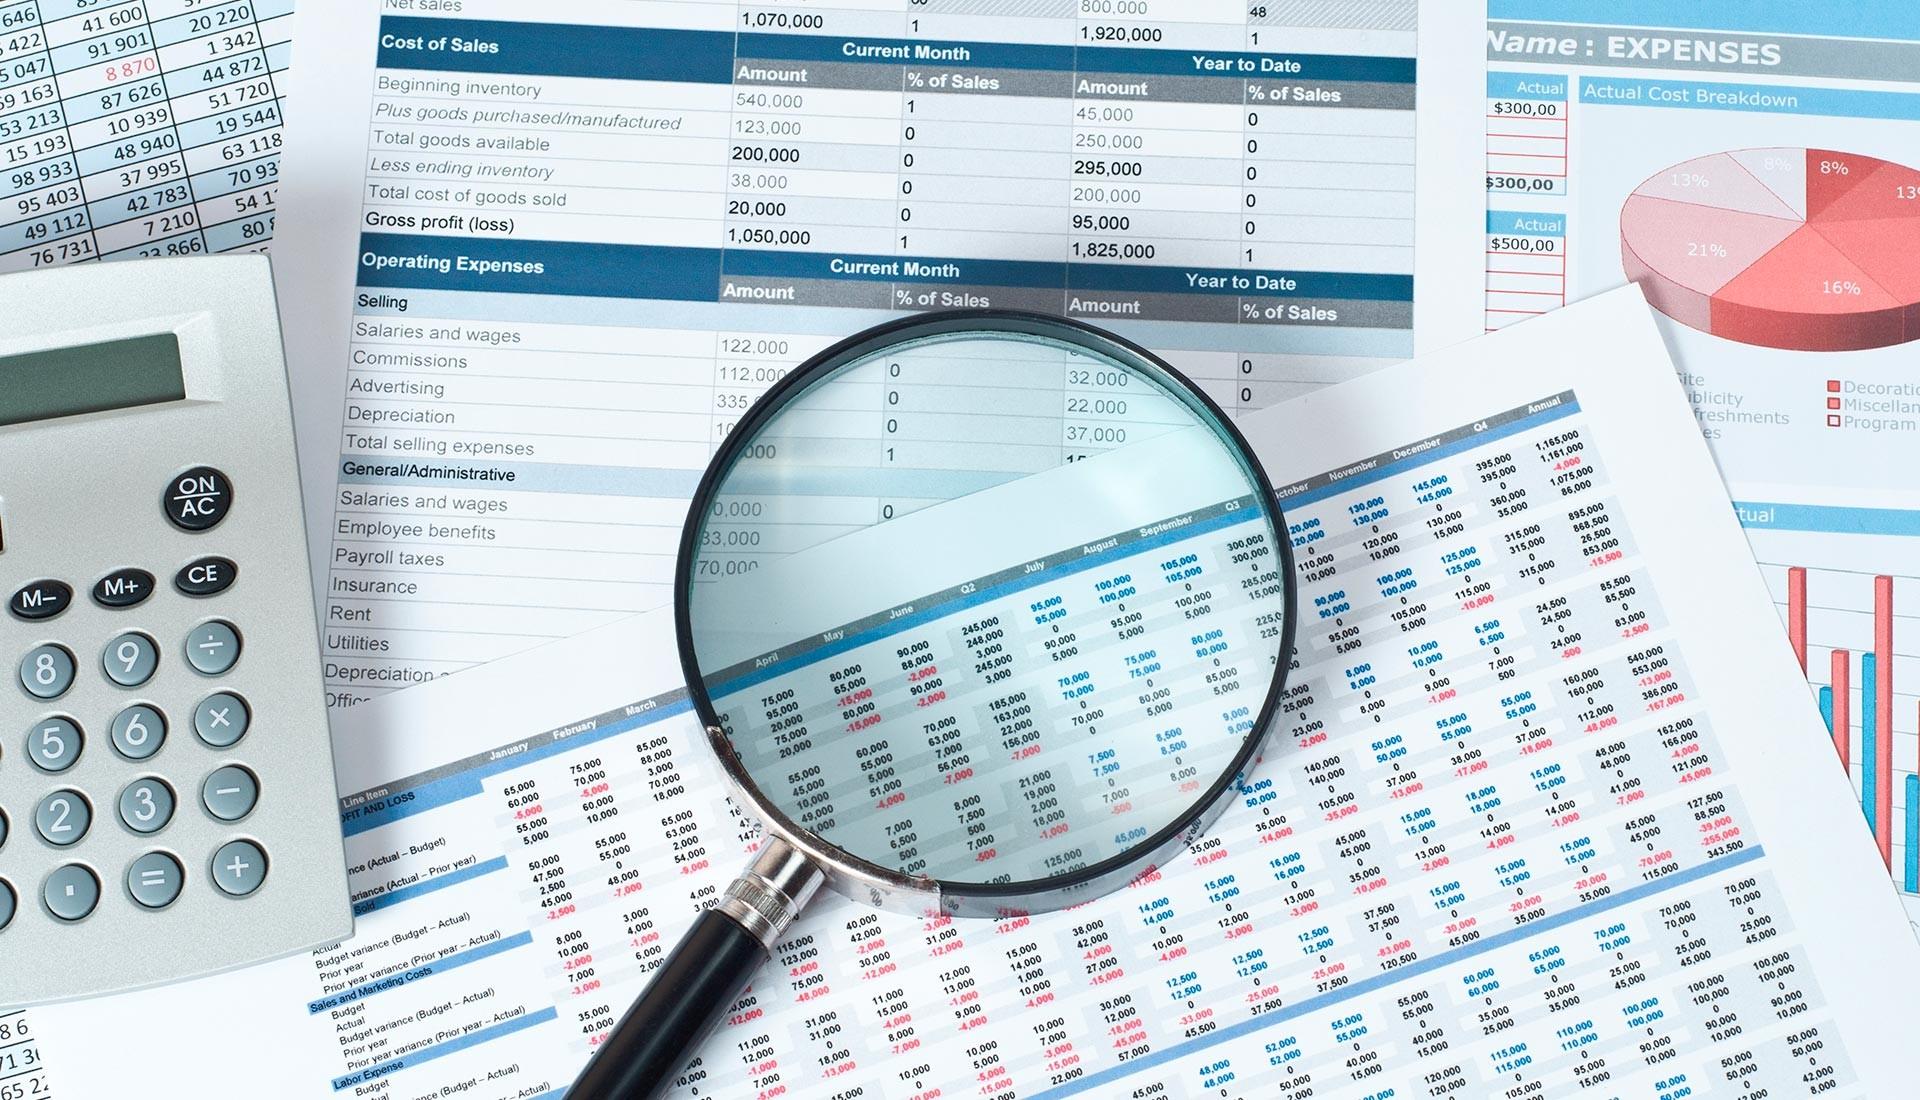 هيئة الاستثمارتصدر قرارا بالإيداع الإلكترونى للقوائم المالية للشركات